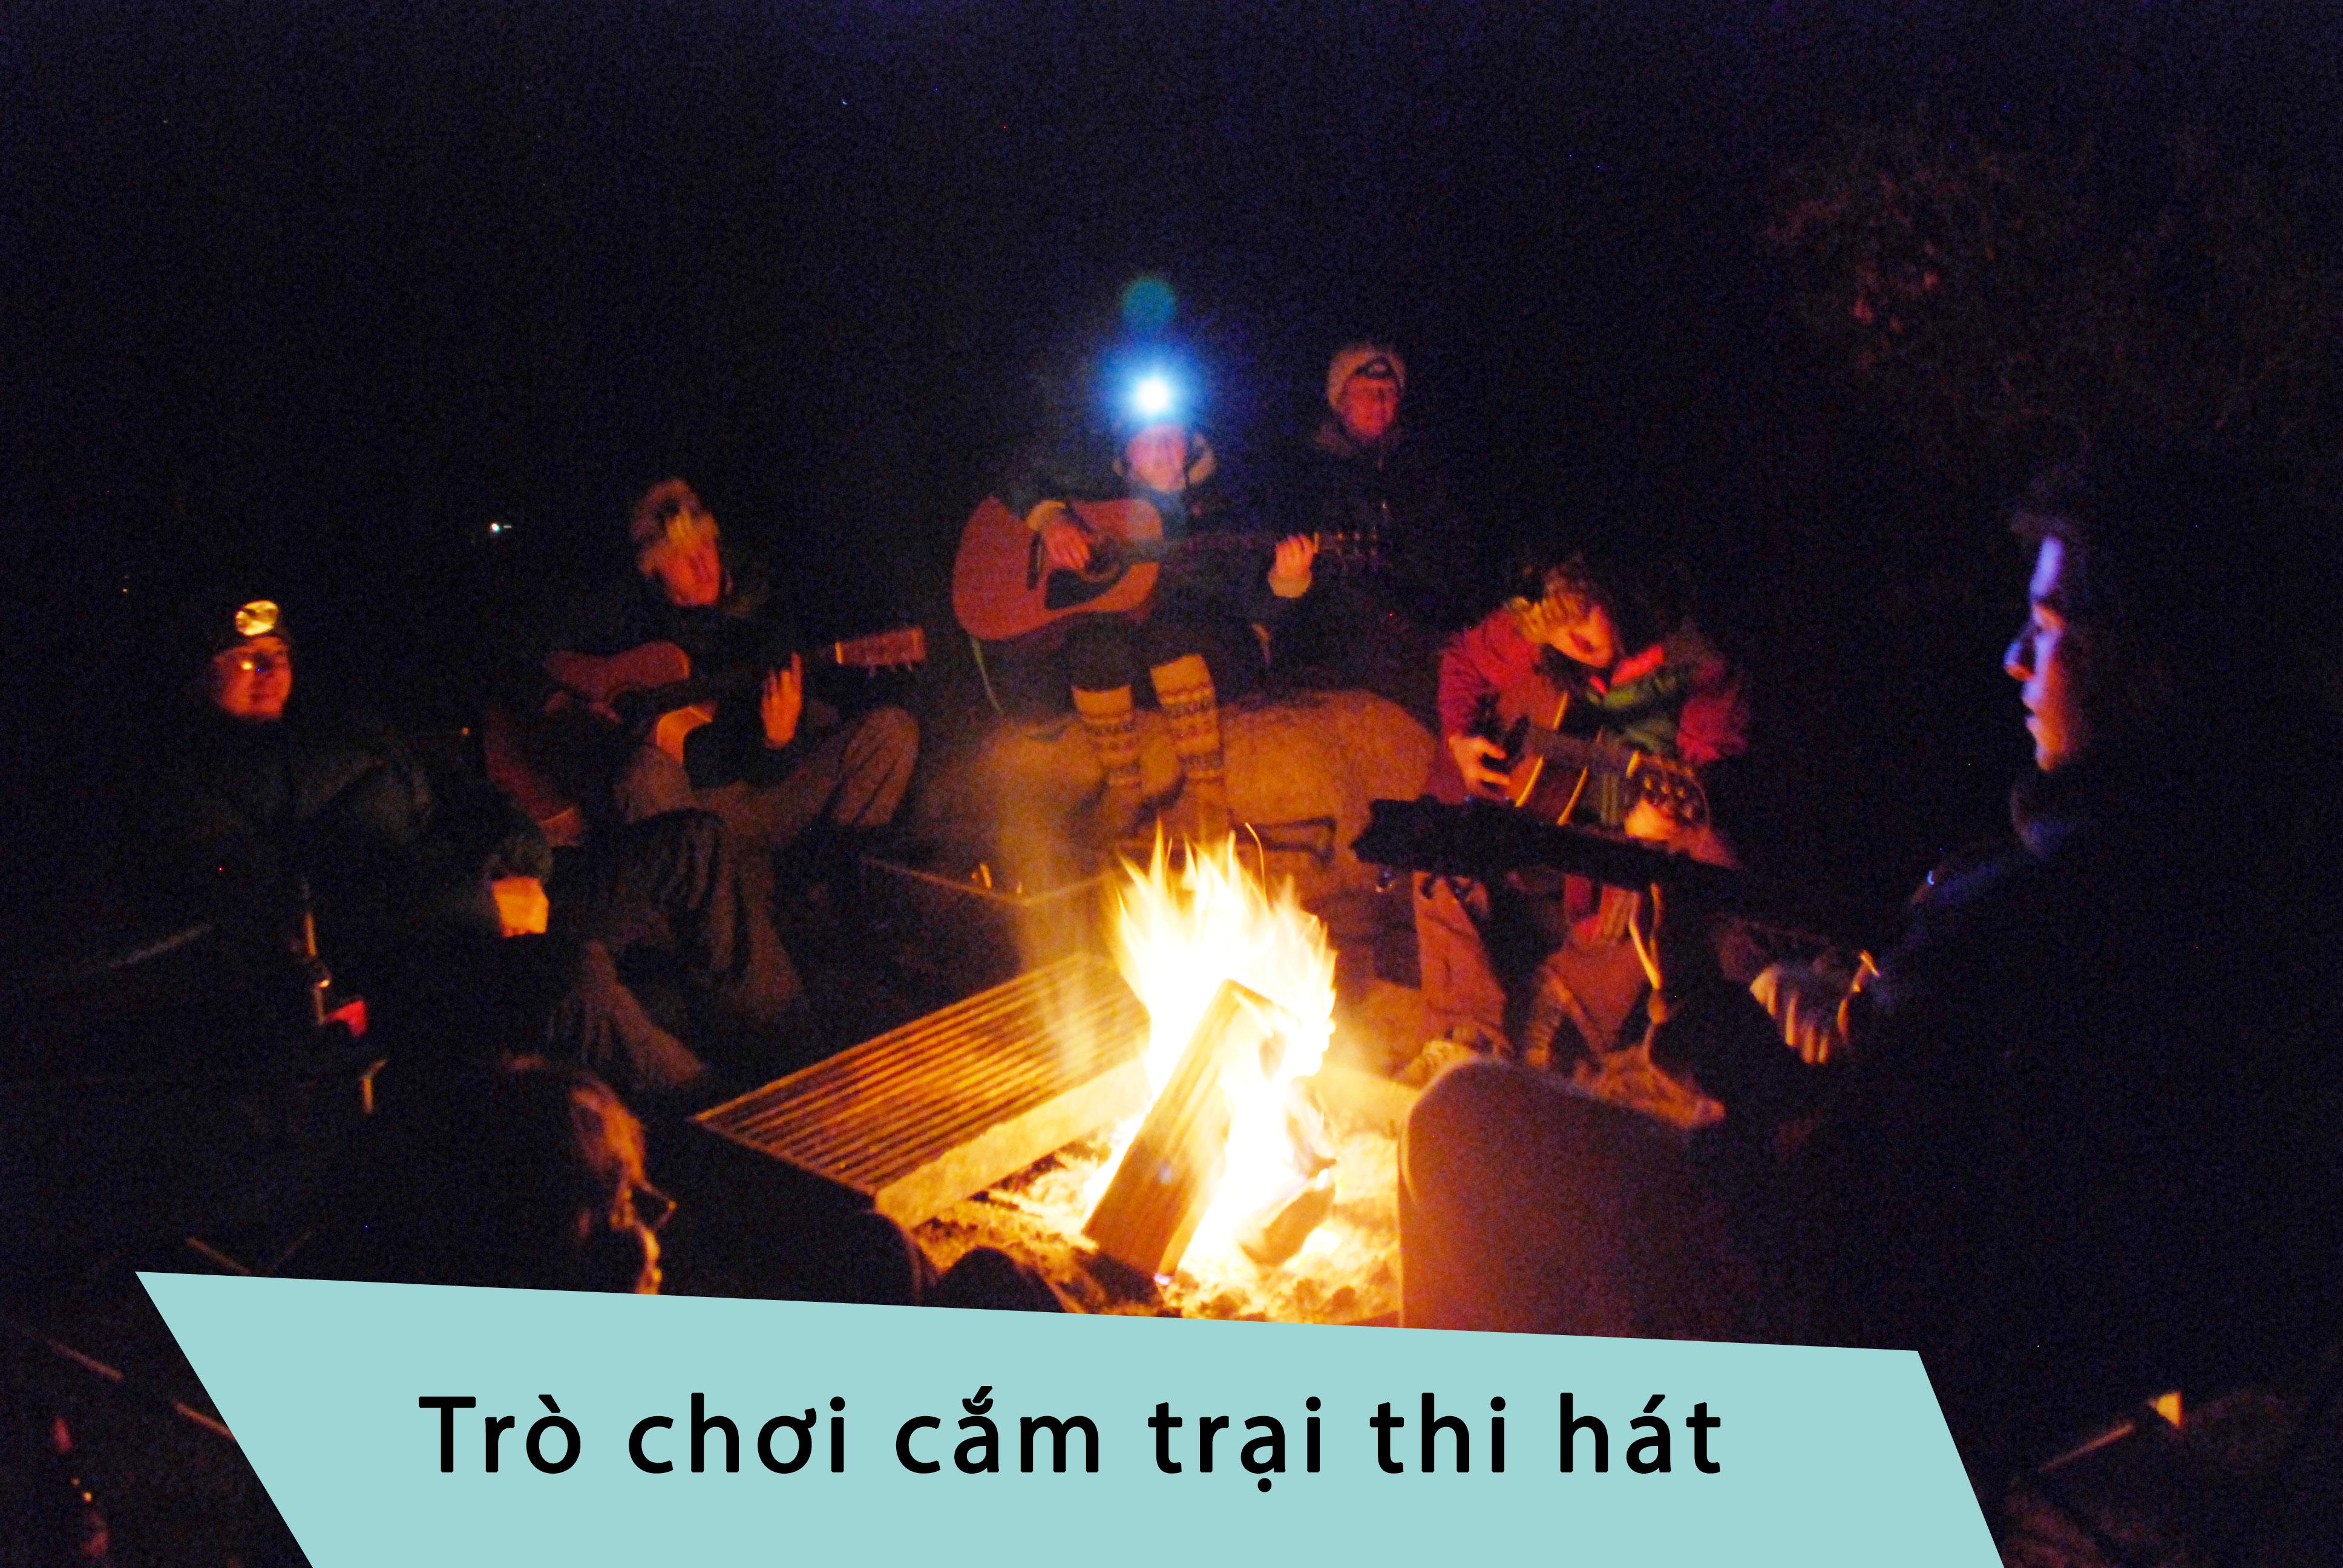 Trò chơi cắm trại thi hát